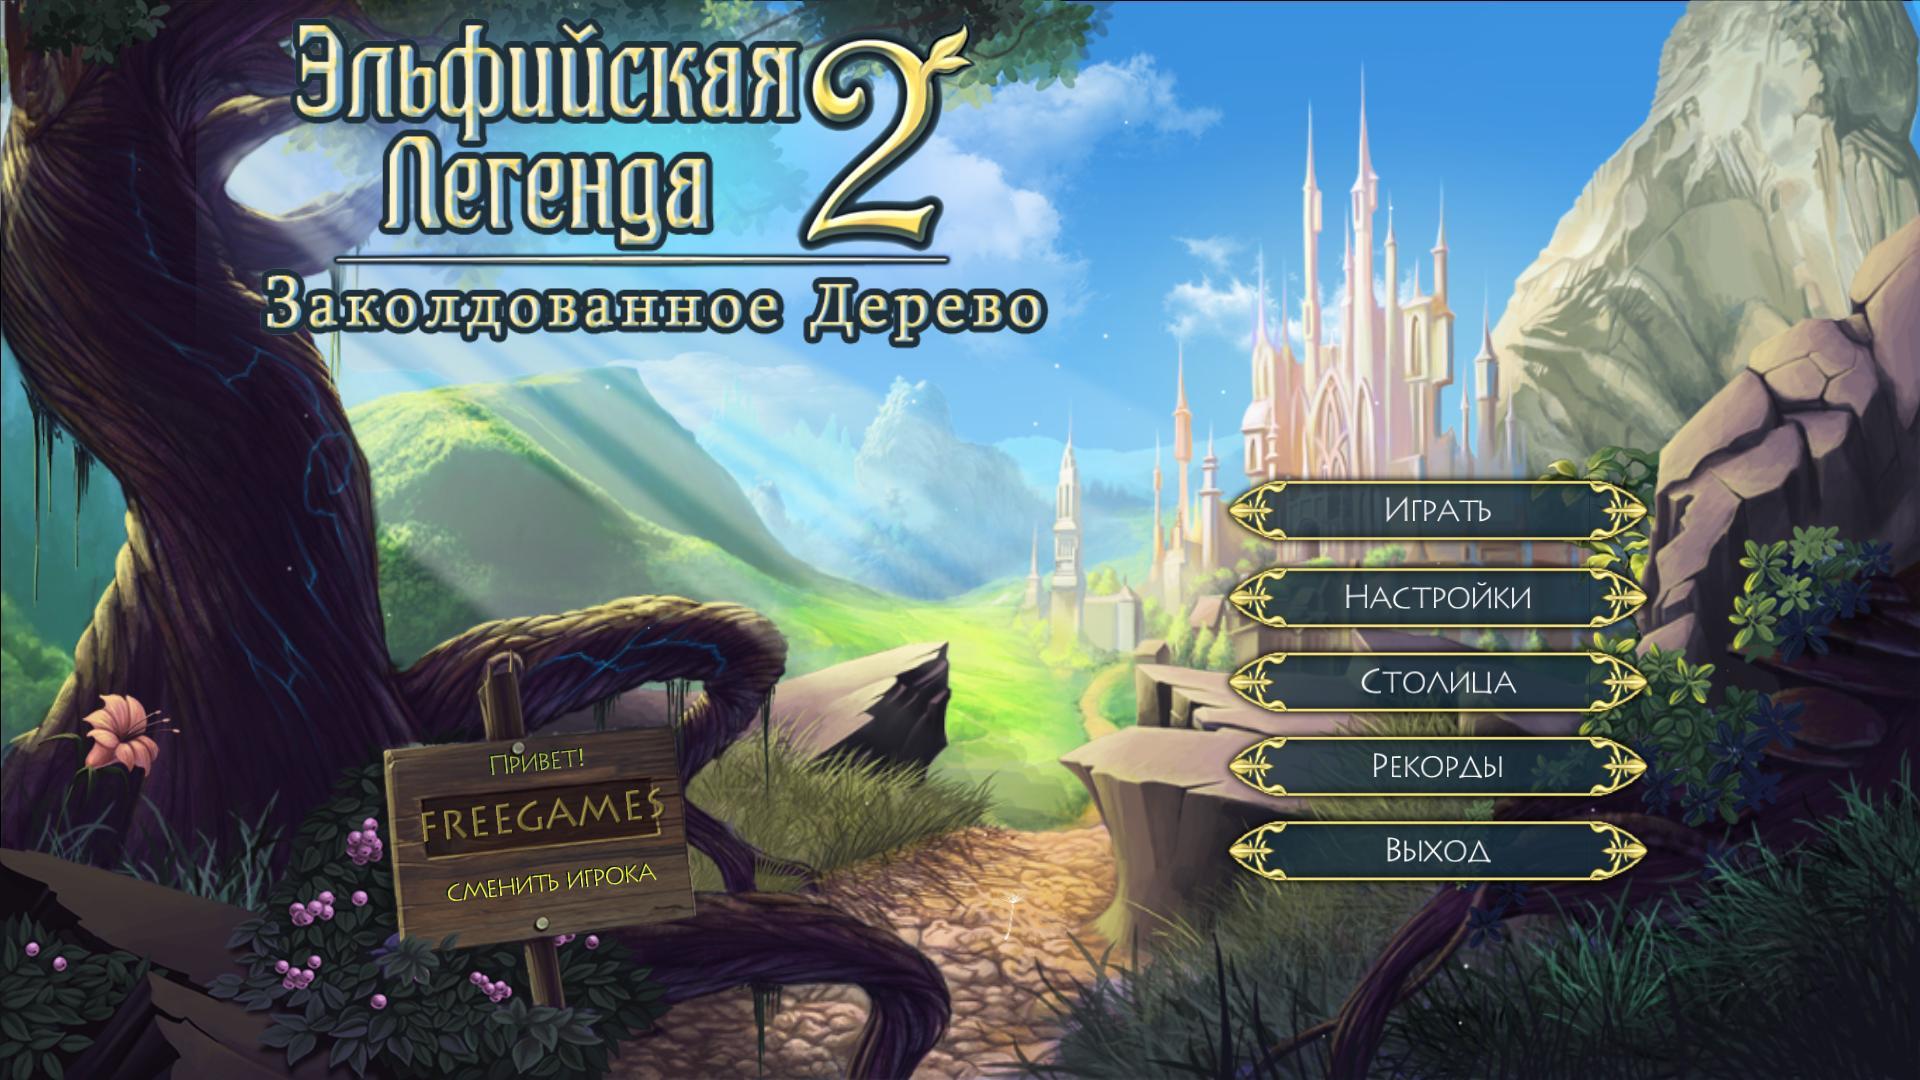 Эльфийская Легенда 2: Заколдованное Дерево | Elven Legend 2: The Bewitched Tree (Rus)